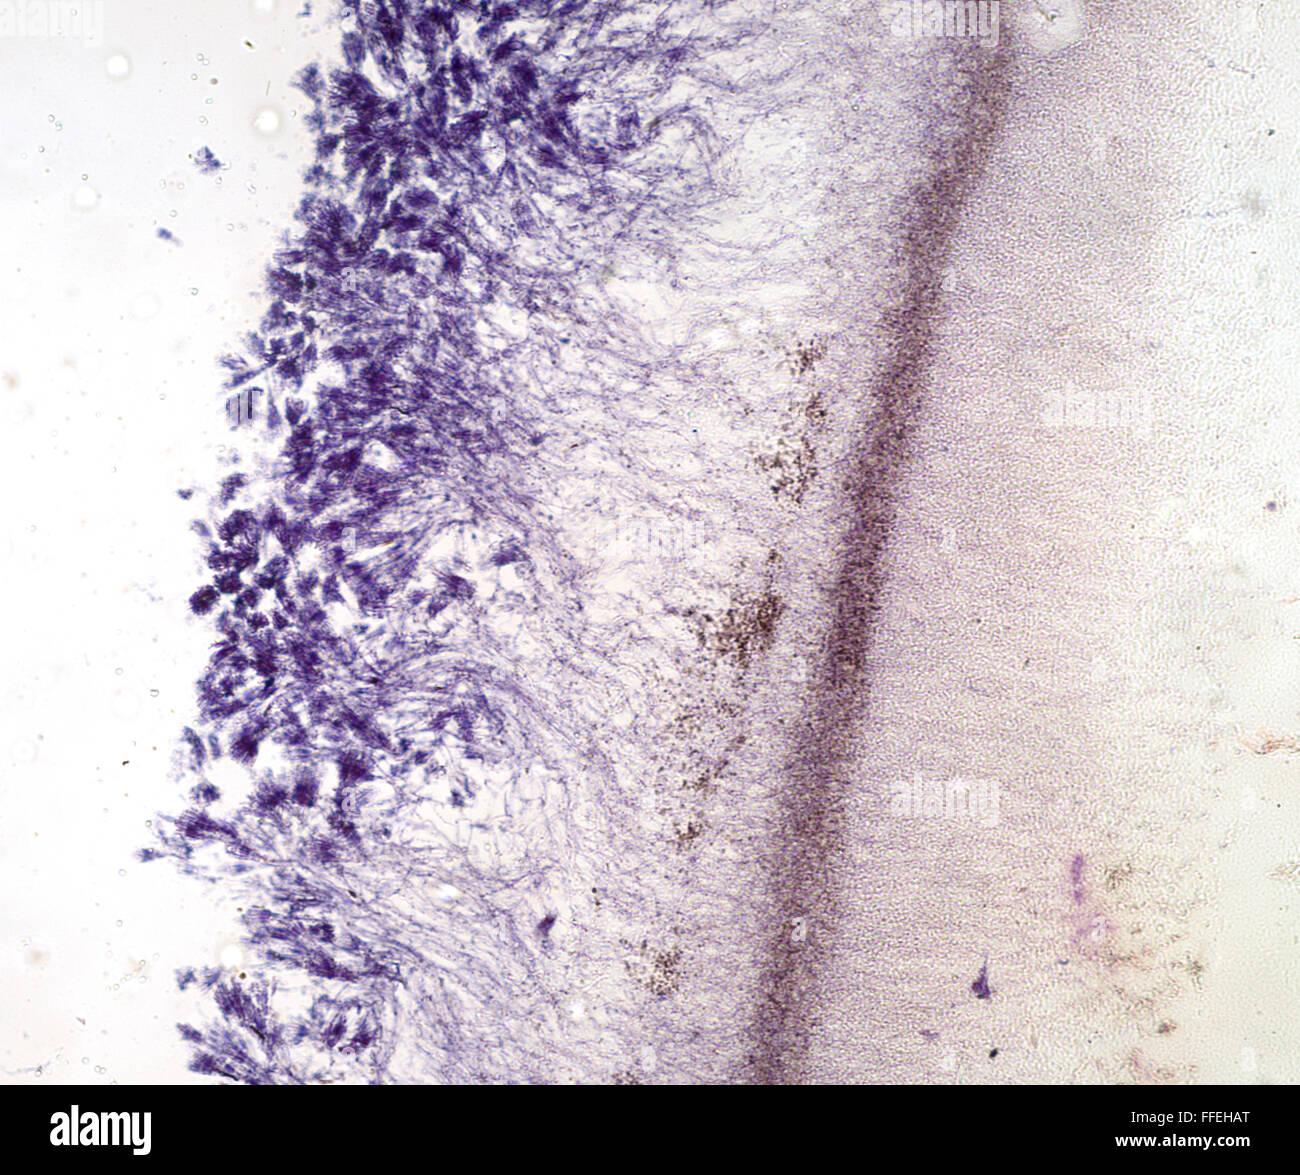 Microscopic image Penicillin - Stock Image